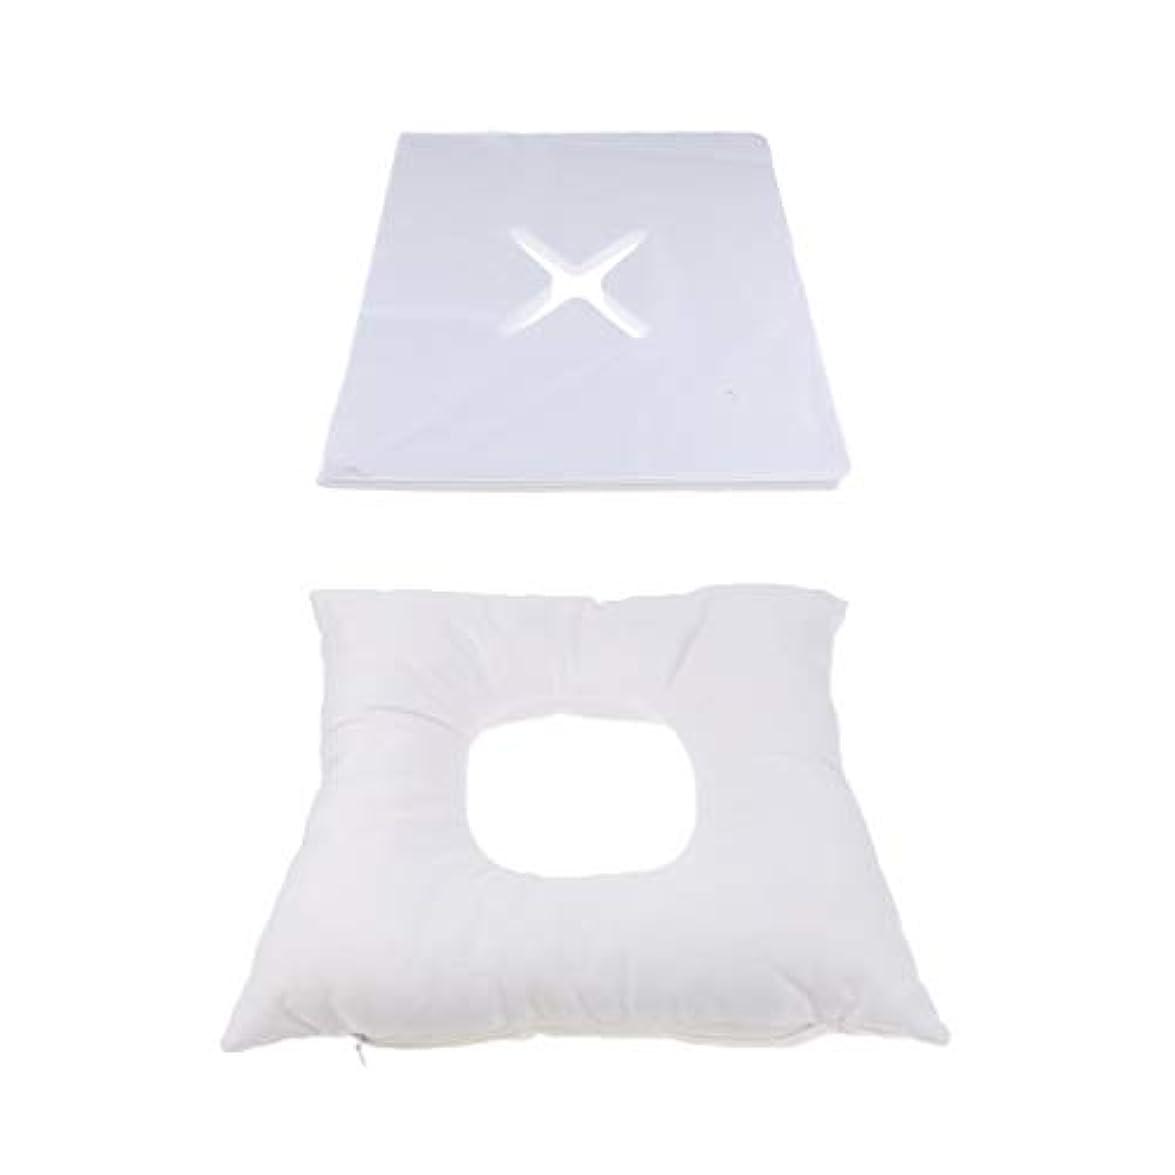 プラスチックスイス人お勧めフェイスマット マッサージ枕 顔枕 エステマクラ 200個使い捨てピローカバー付き サロン 家庭用